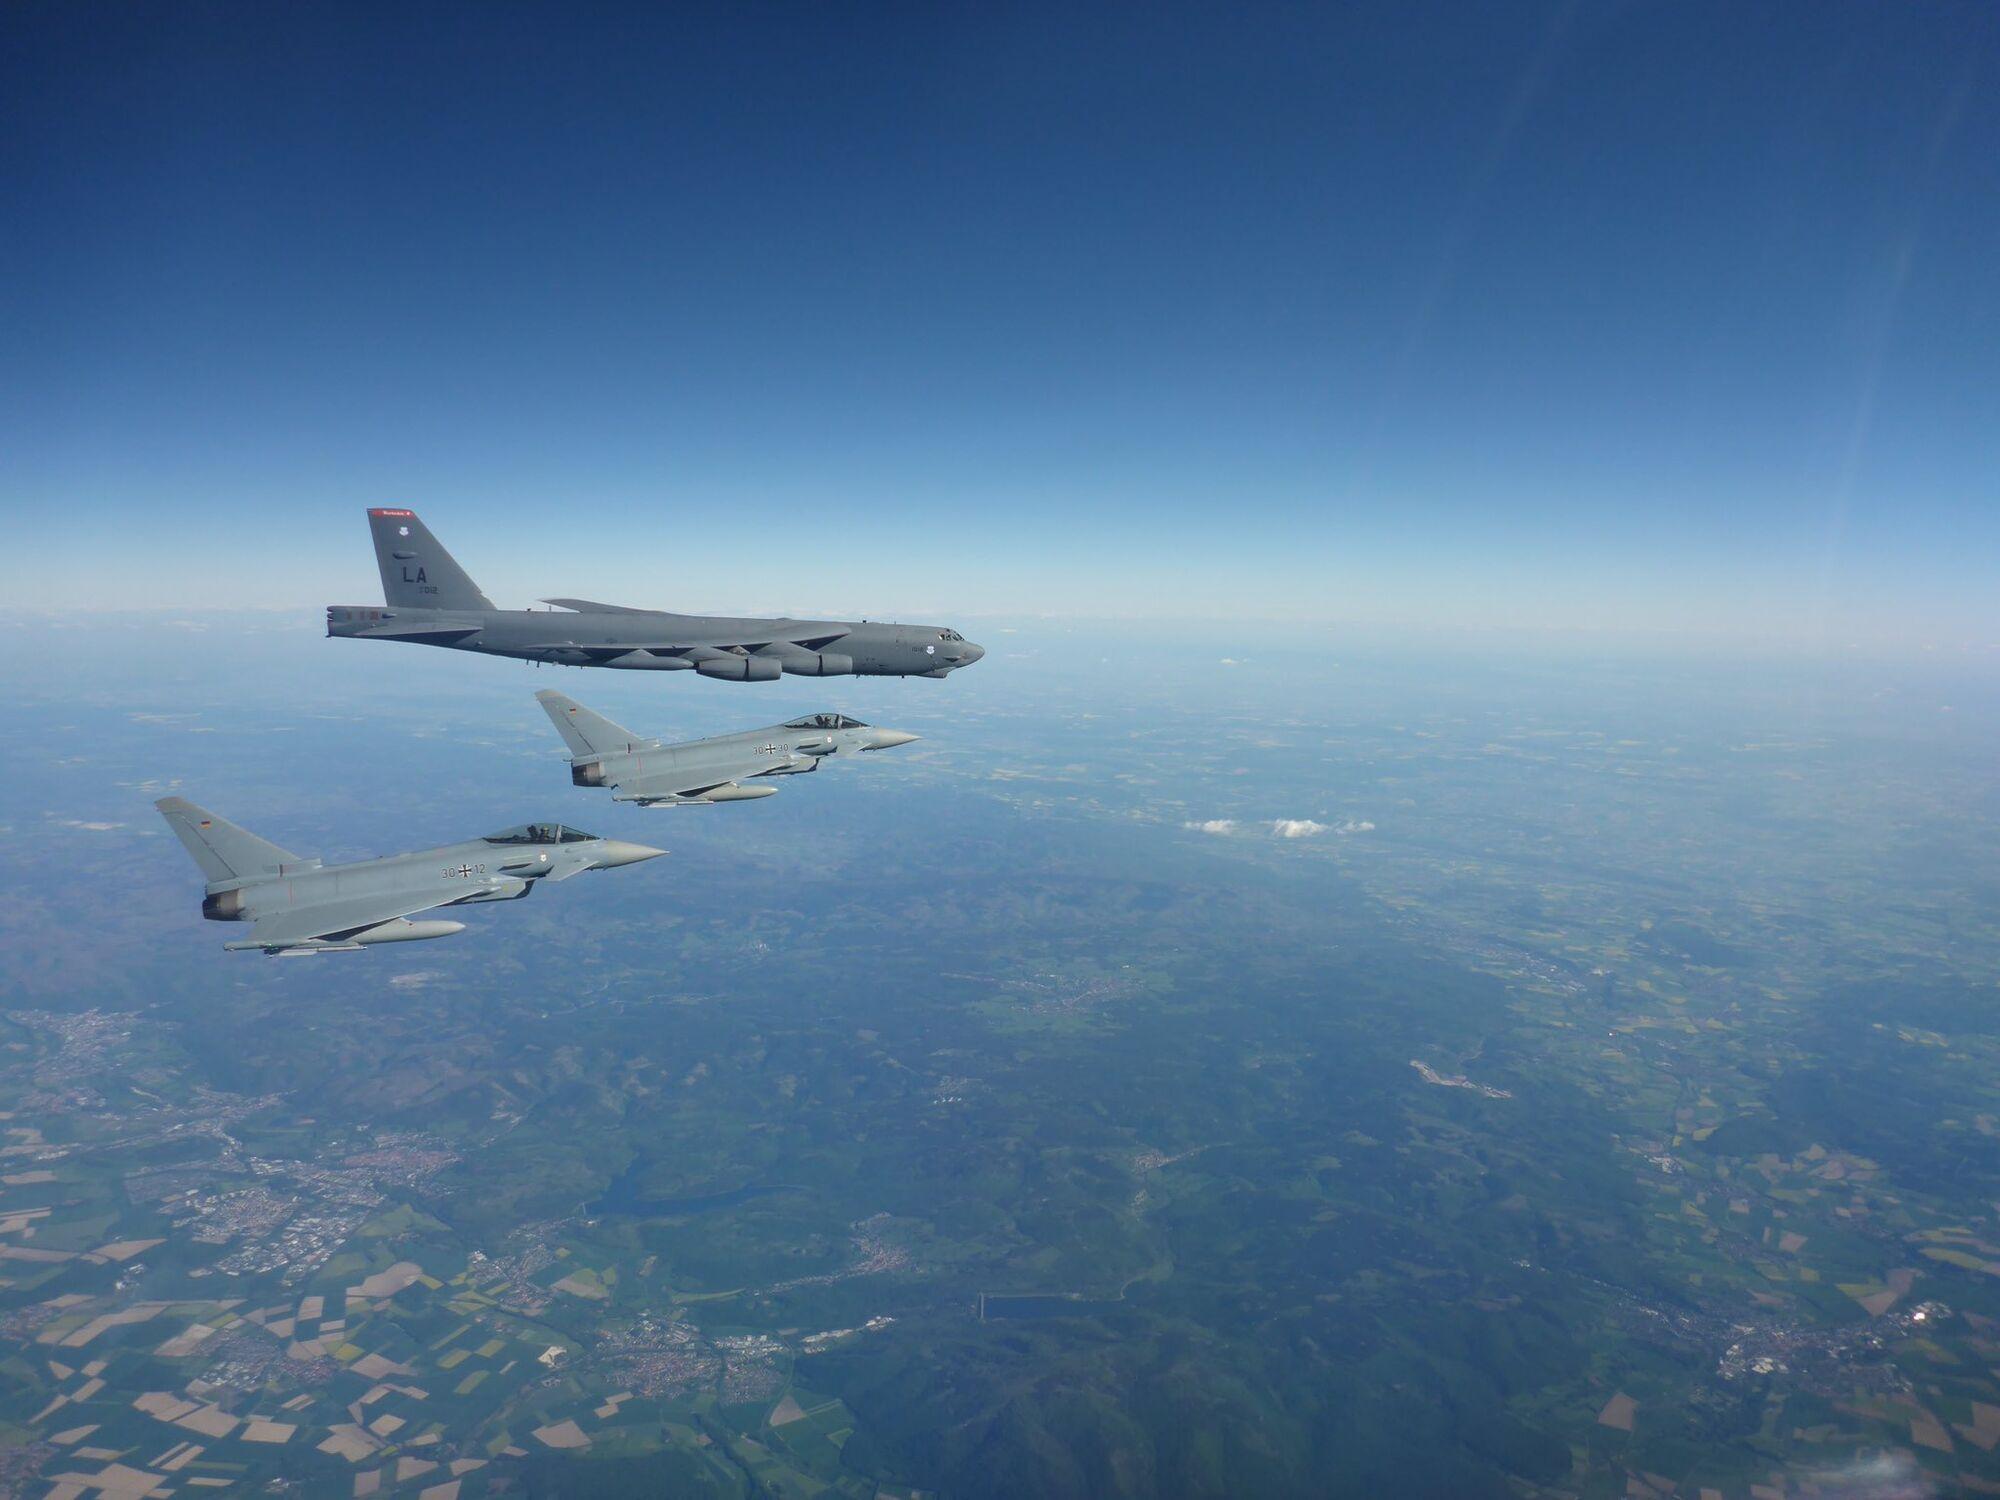 Истребитель Eurofighter Typhoon сопровождал бомбардировщики B-52 Stratofortress над Германией 31 мая